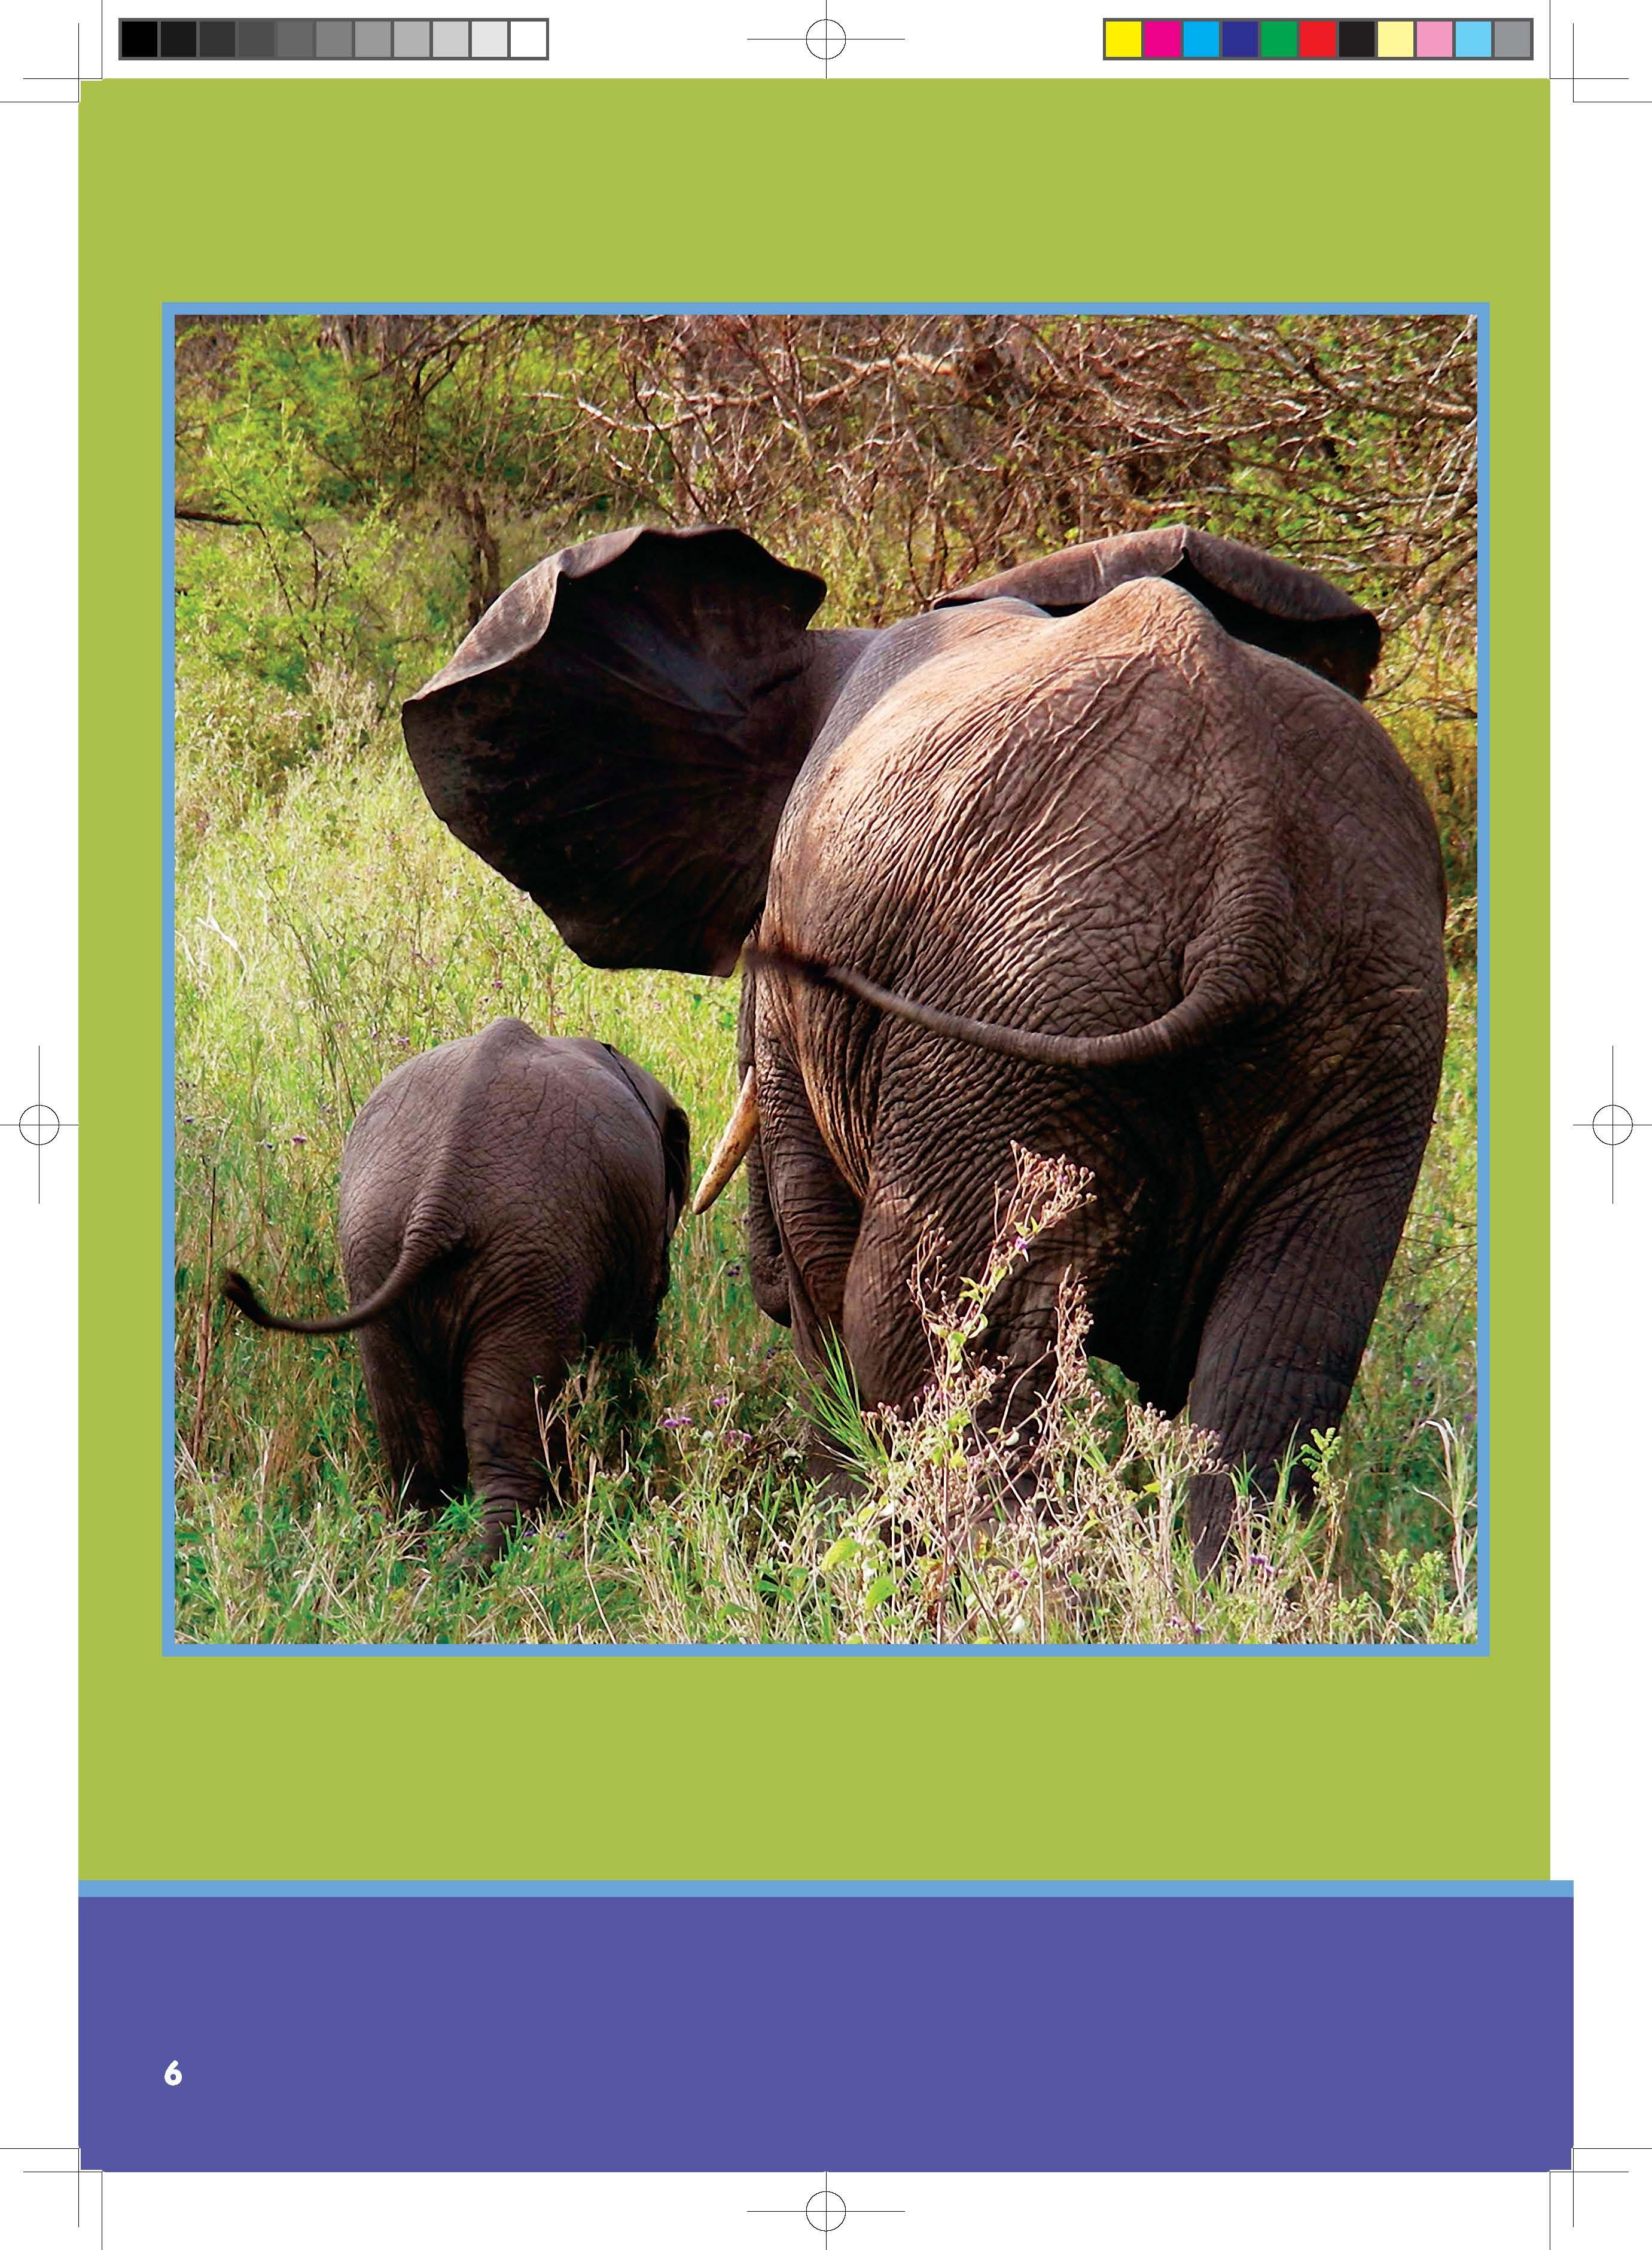 奇妙的动物——神奇的尾巴(以科学的视角帮助孩子了解动物,感知动物)